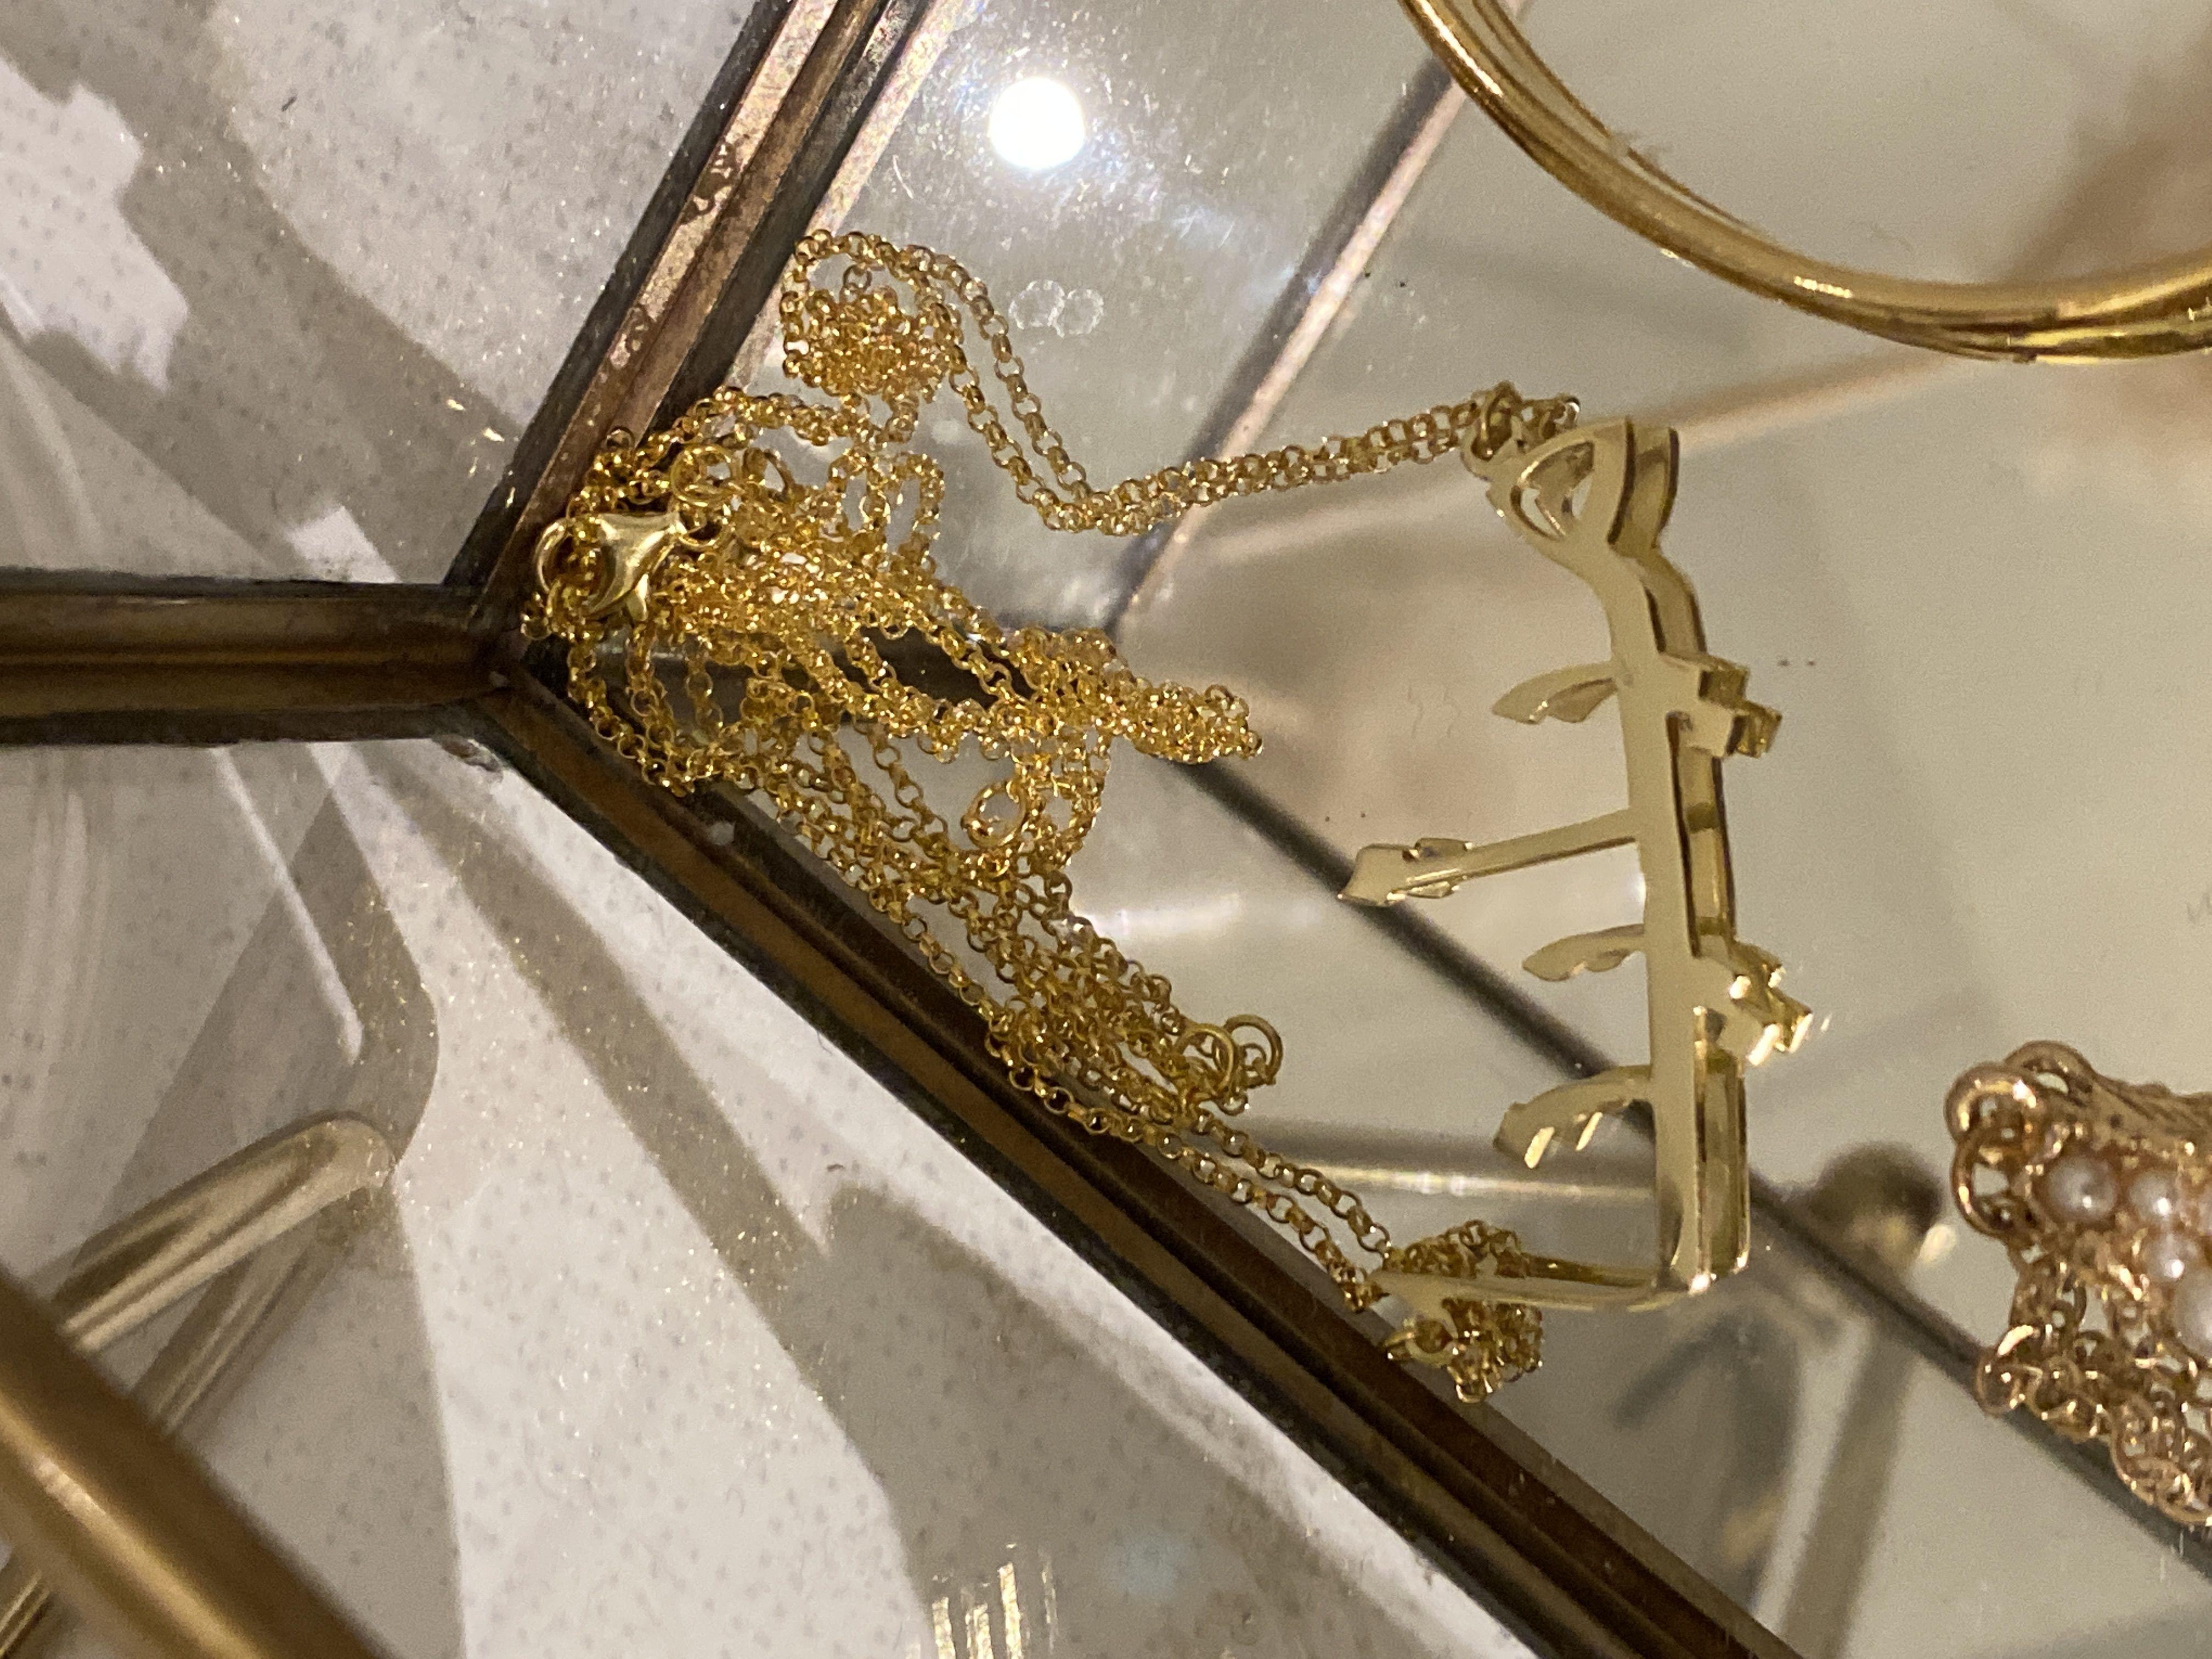 [Darmowa Dostawa]Spersonalizowany 18-karatowe pozłacane srebro Imię Naszyjnik Arabskie naszyjniki - Prezenty Urodzinowe